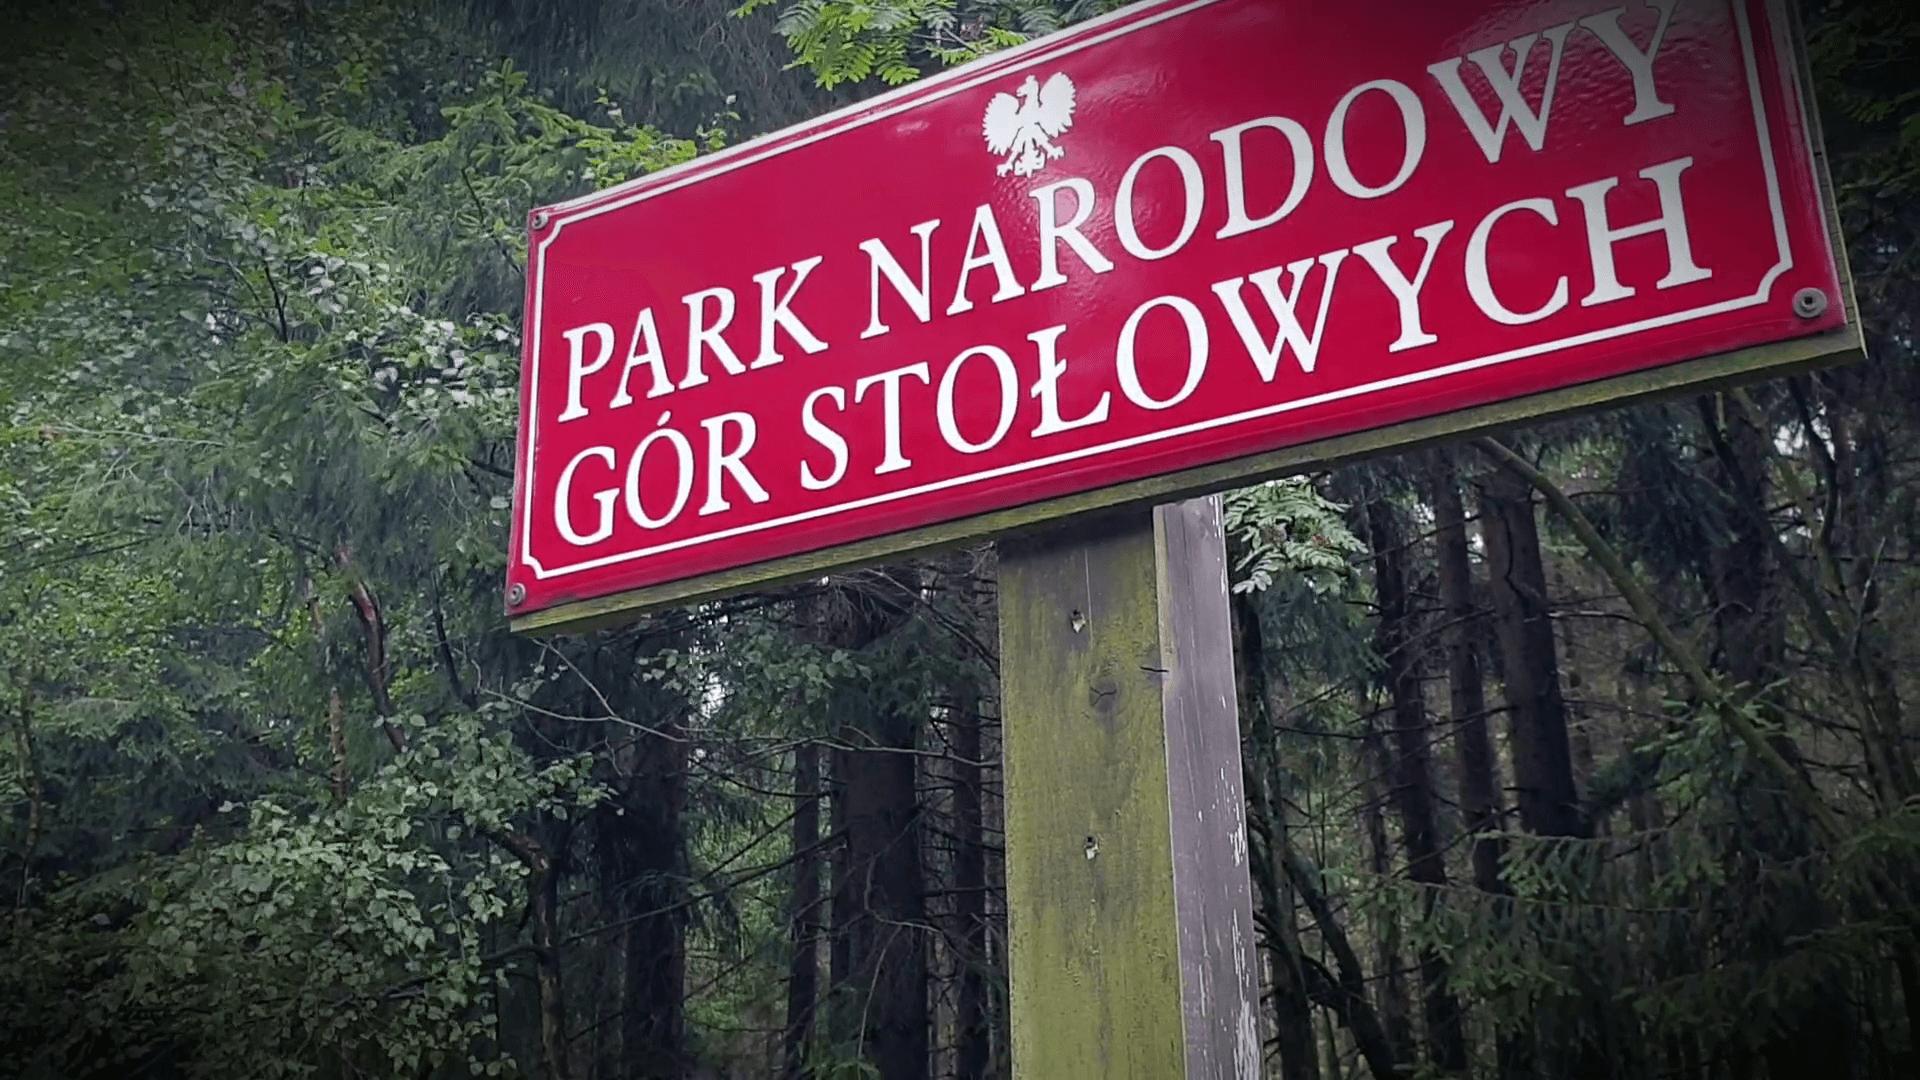 Park Narodowy Gór Stołowych neonaziści